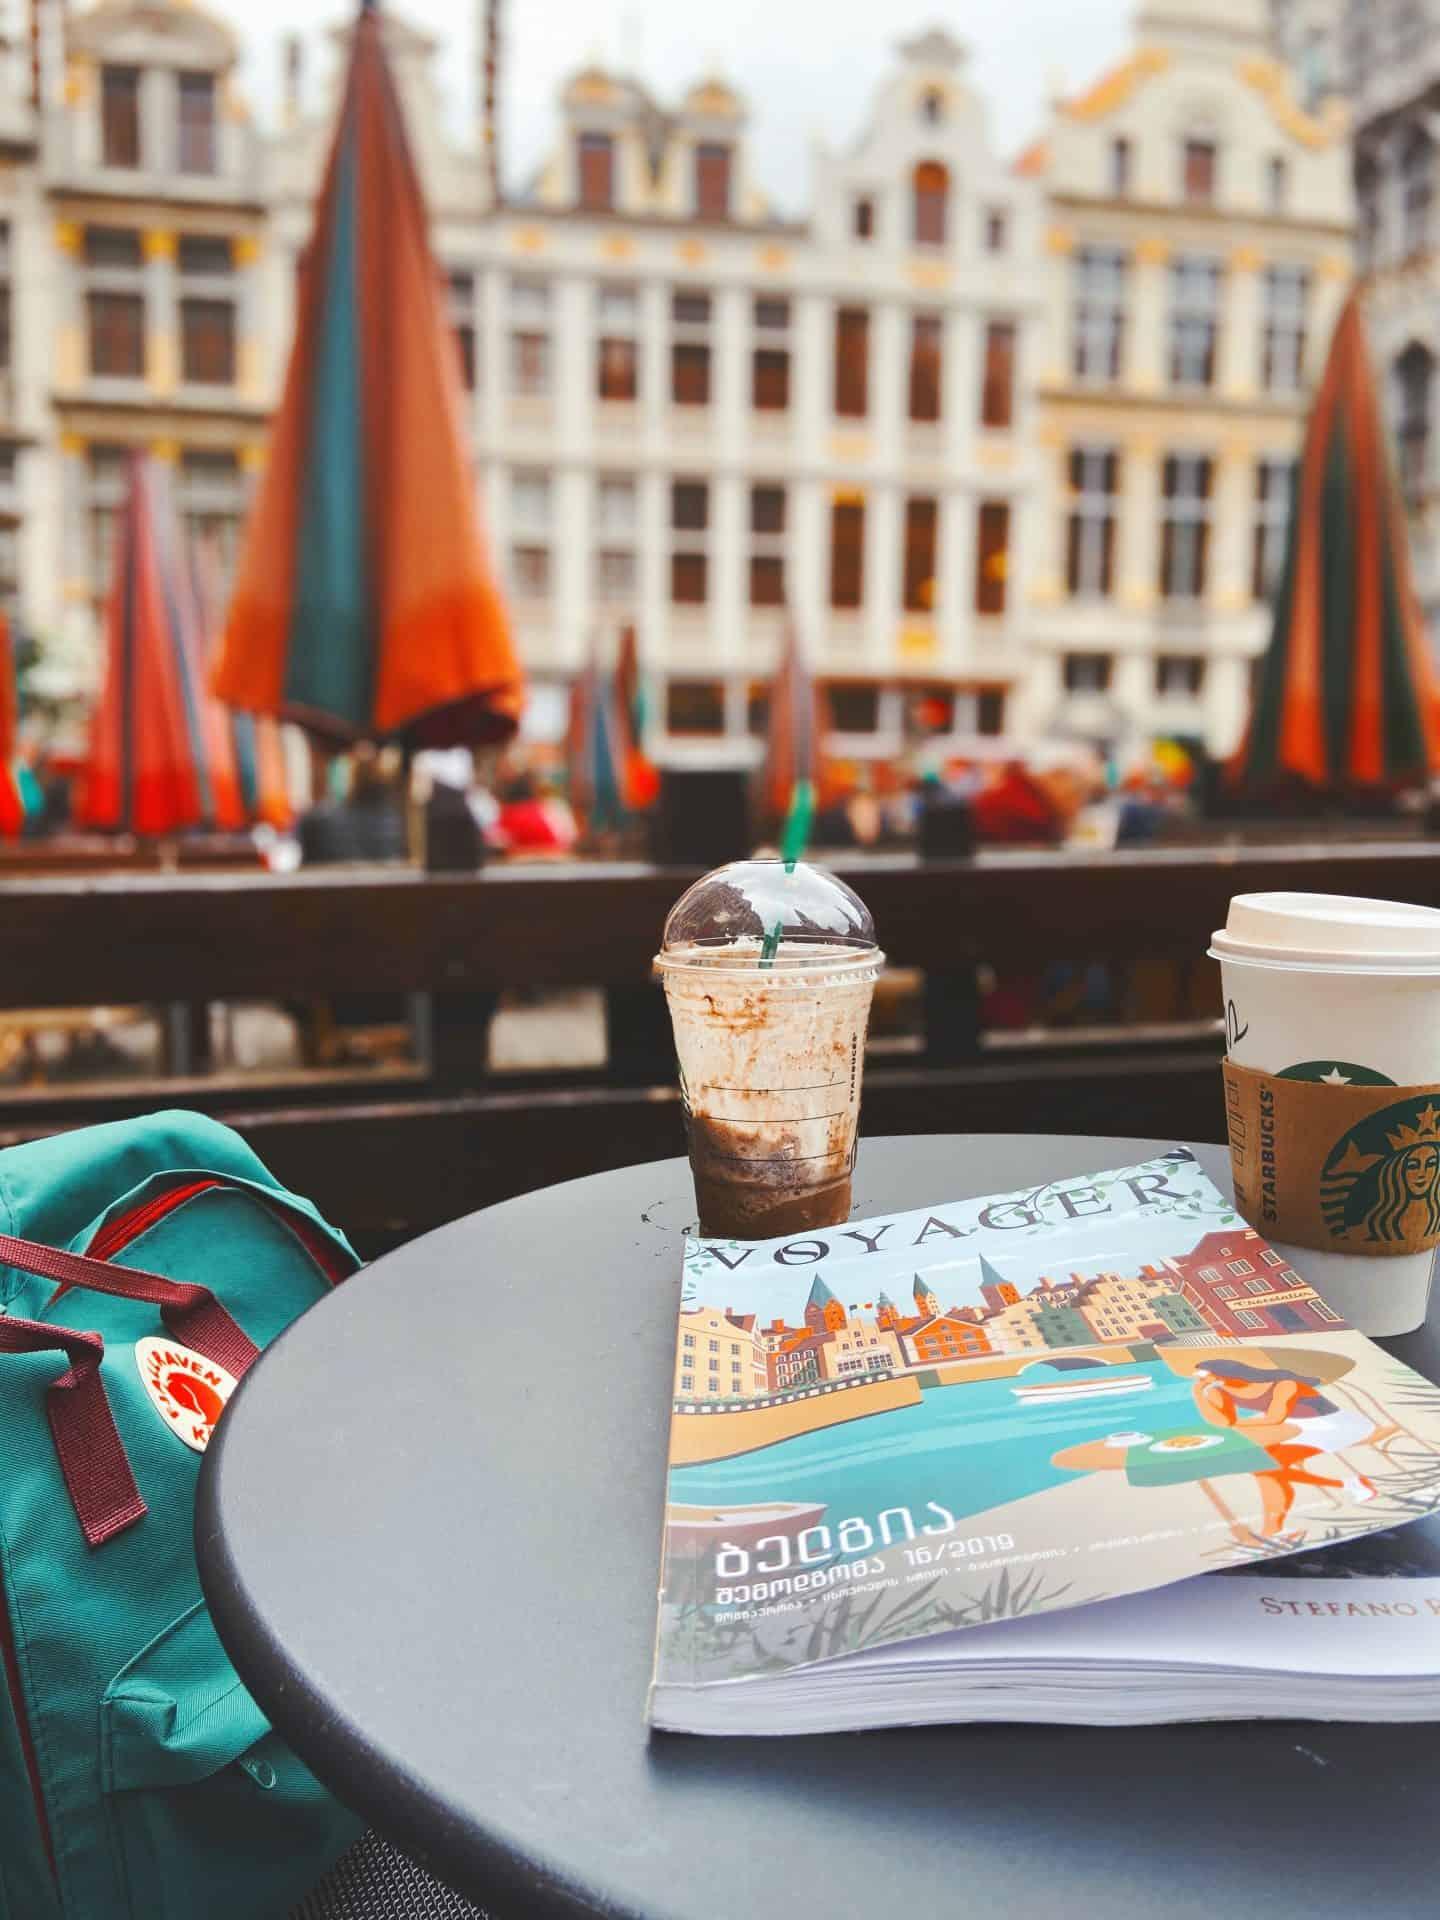 Belgium in Europe